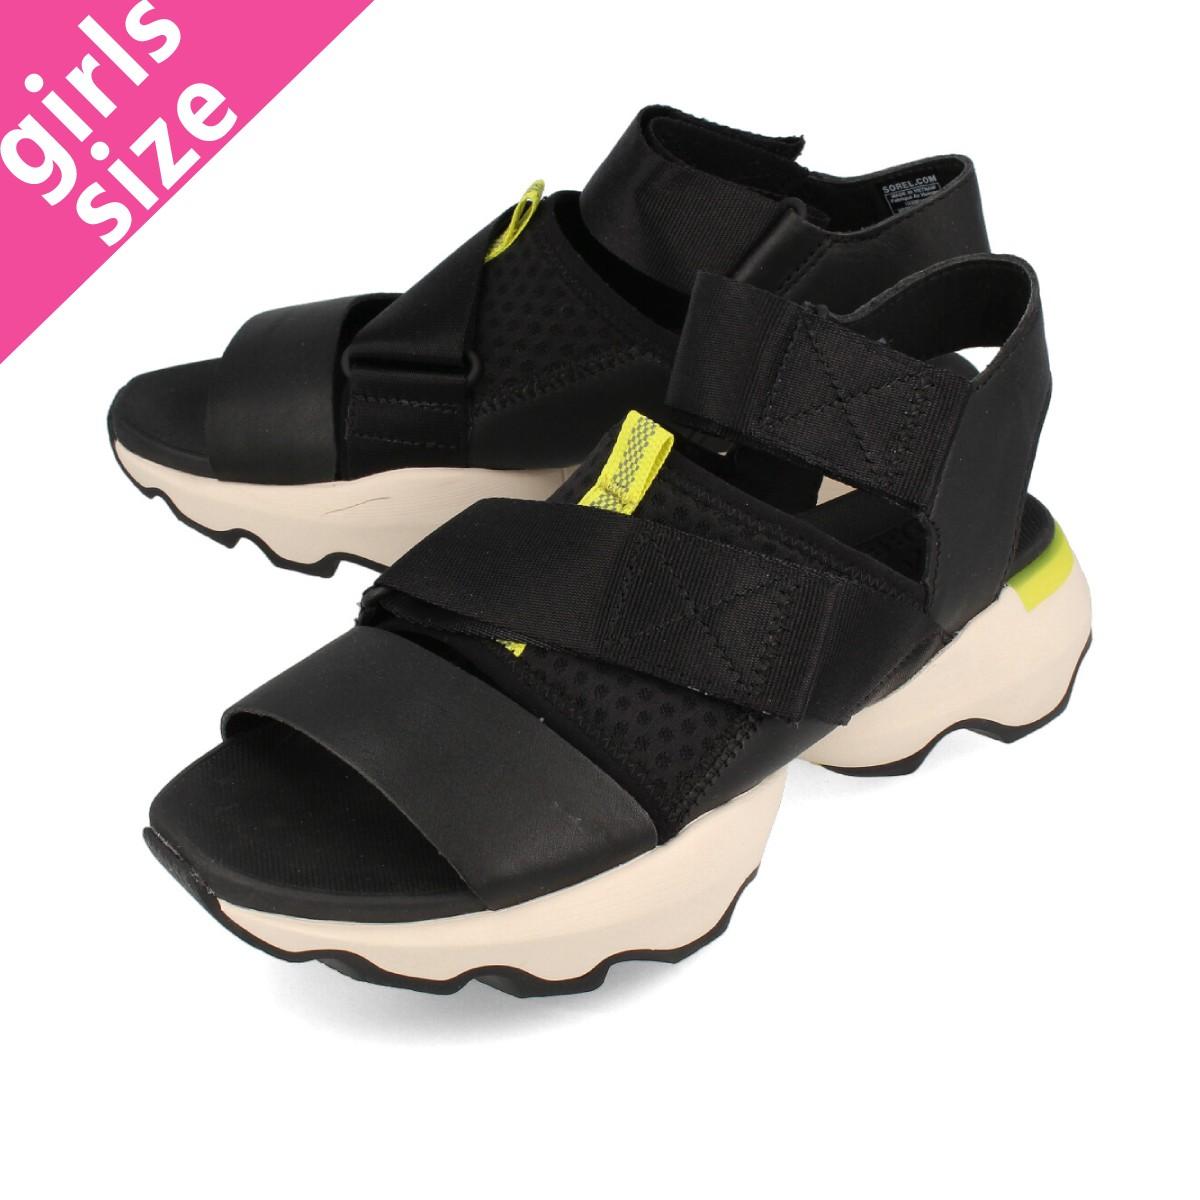 送料無料 SOREL ソレル サンダル 靴 レディース 公式通販 ブラック 黒 IMPACT BLACK インパクト SANDAL KINETIC nl4074-010 値引き キネティック